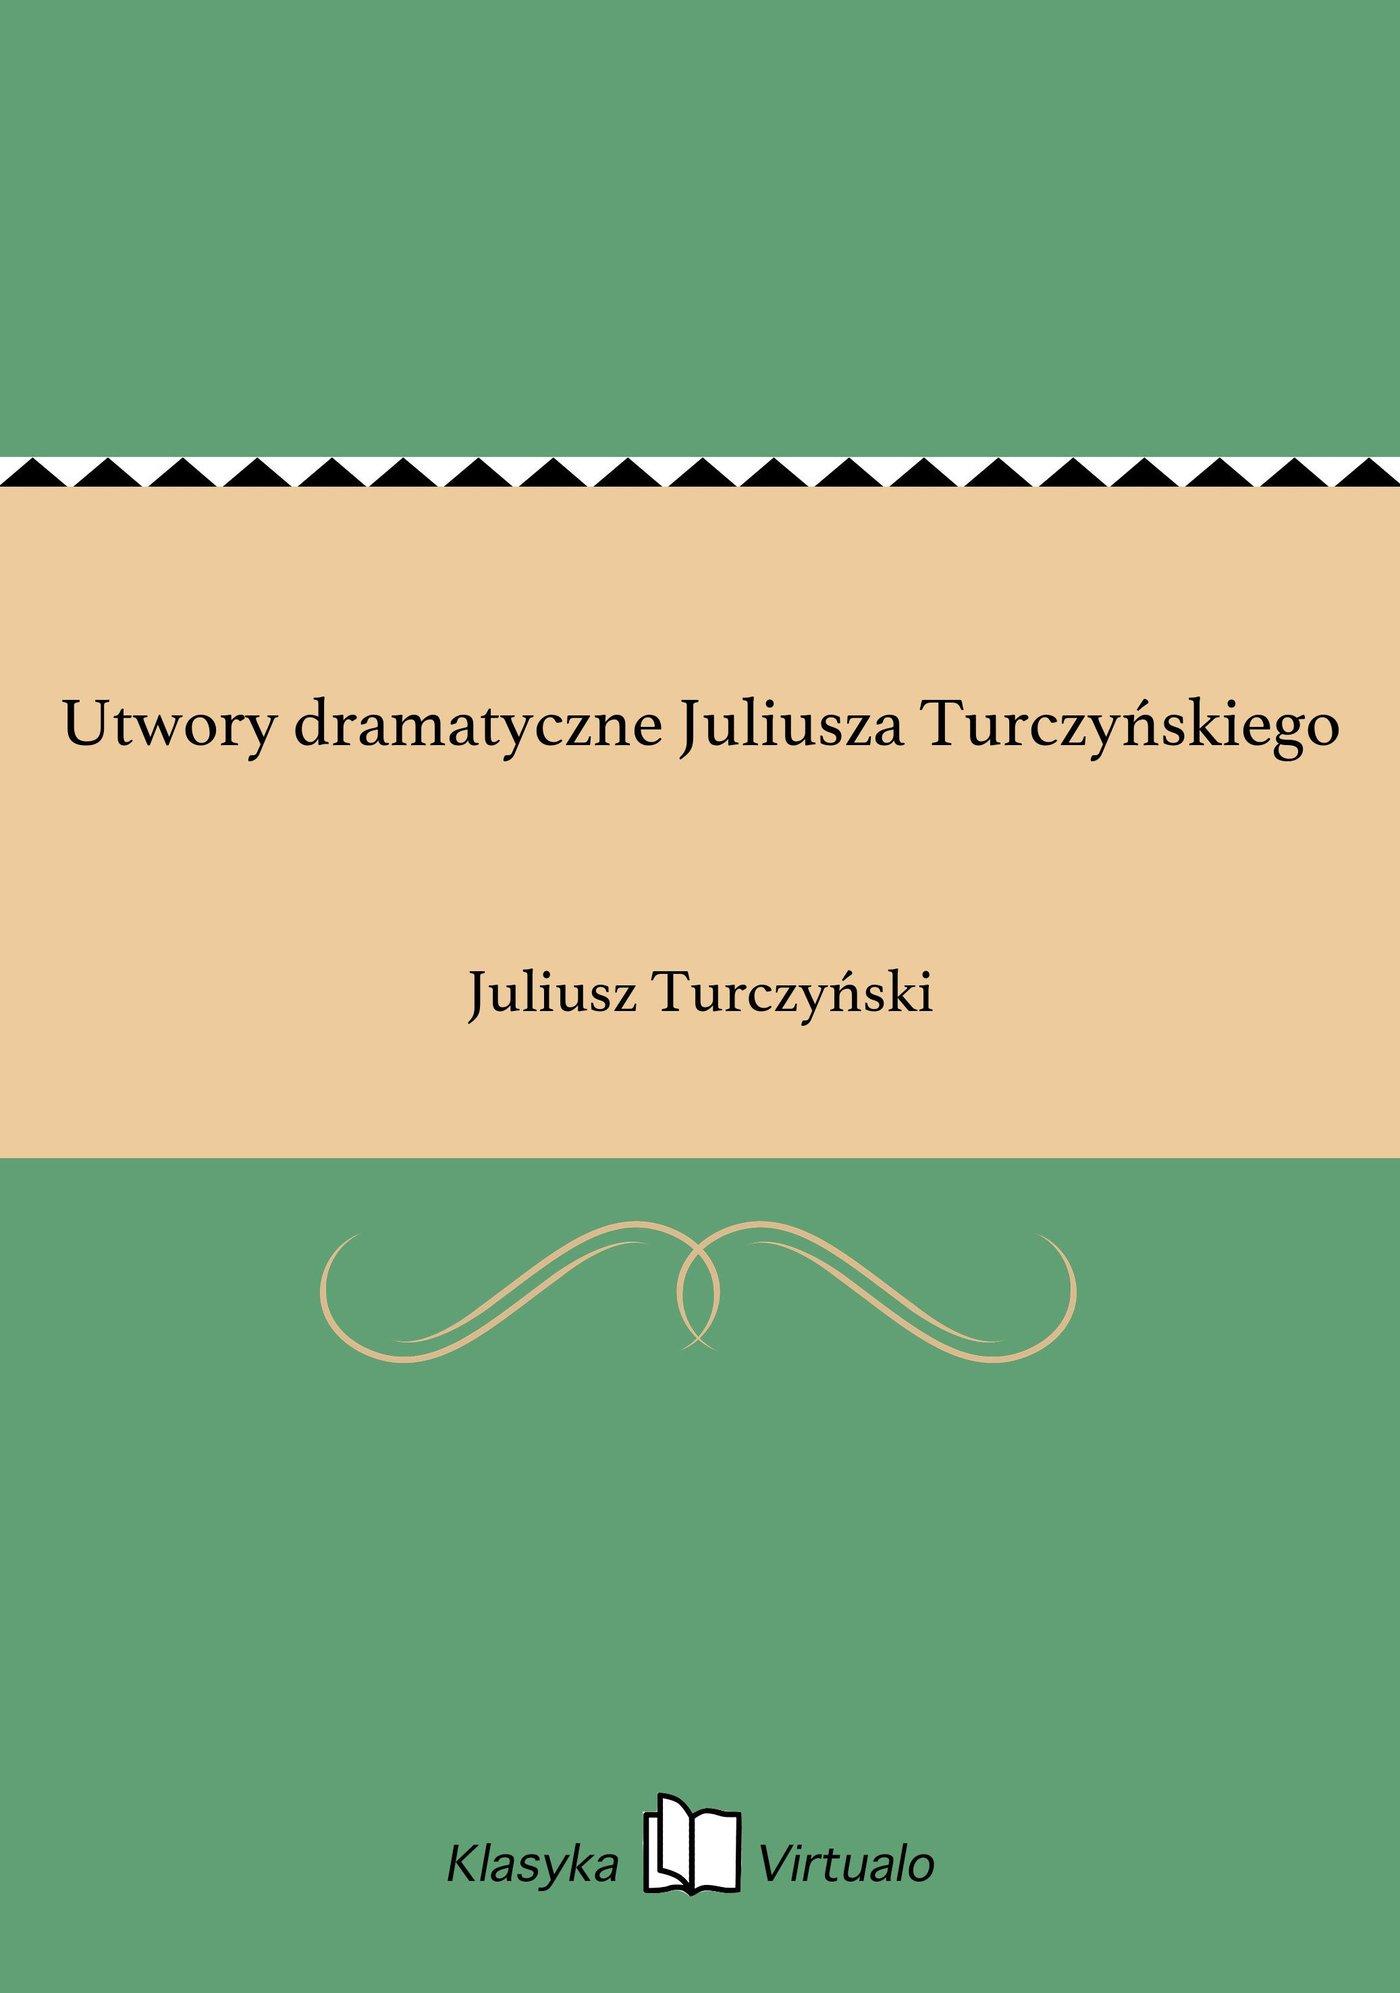 Utwory dramatyczne Juliusza Turczyńskiego - Ebook (Książka EPUB) do pobrania w formacie EPUB